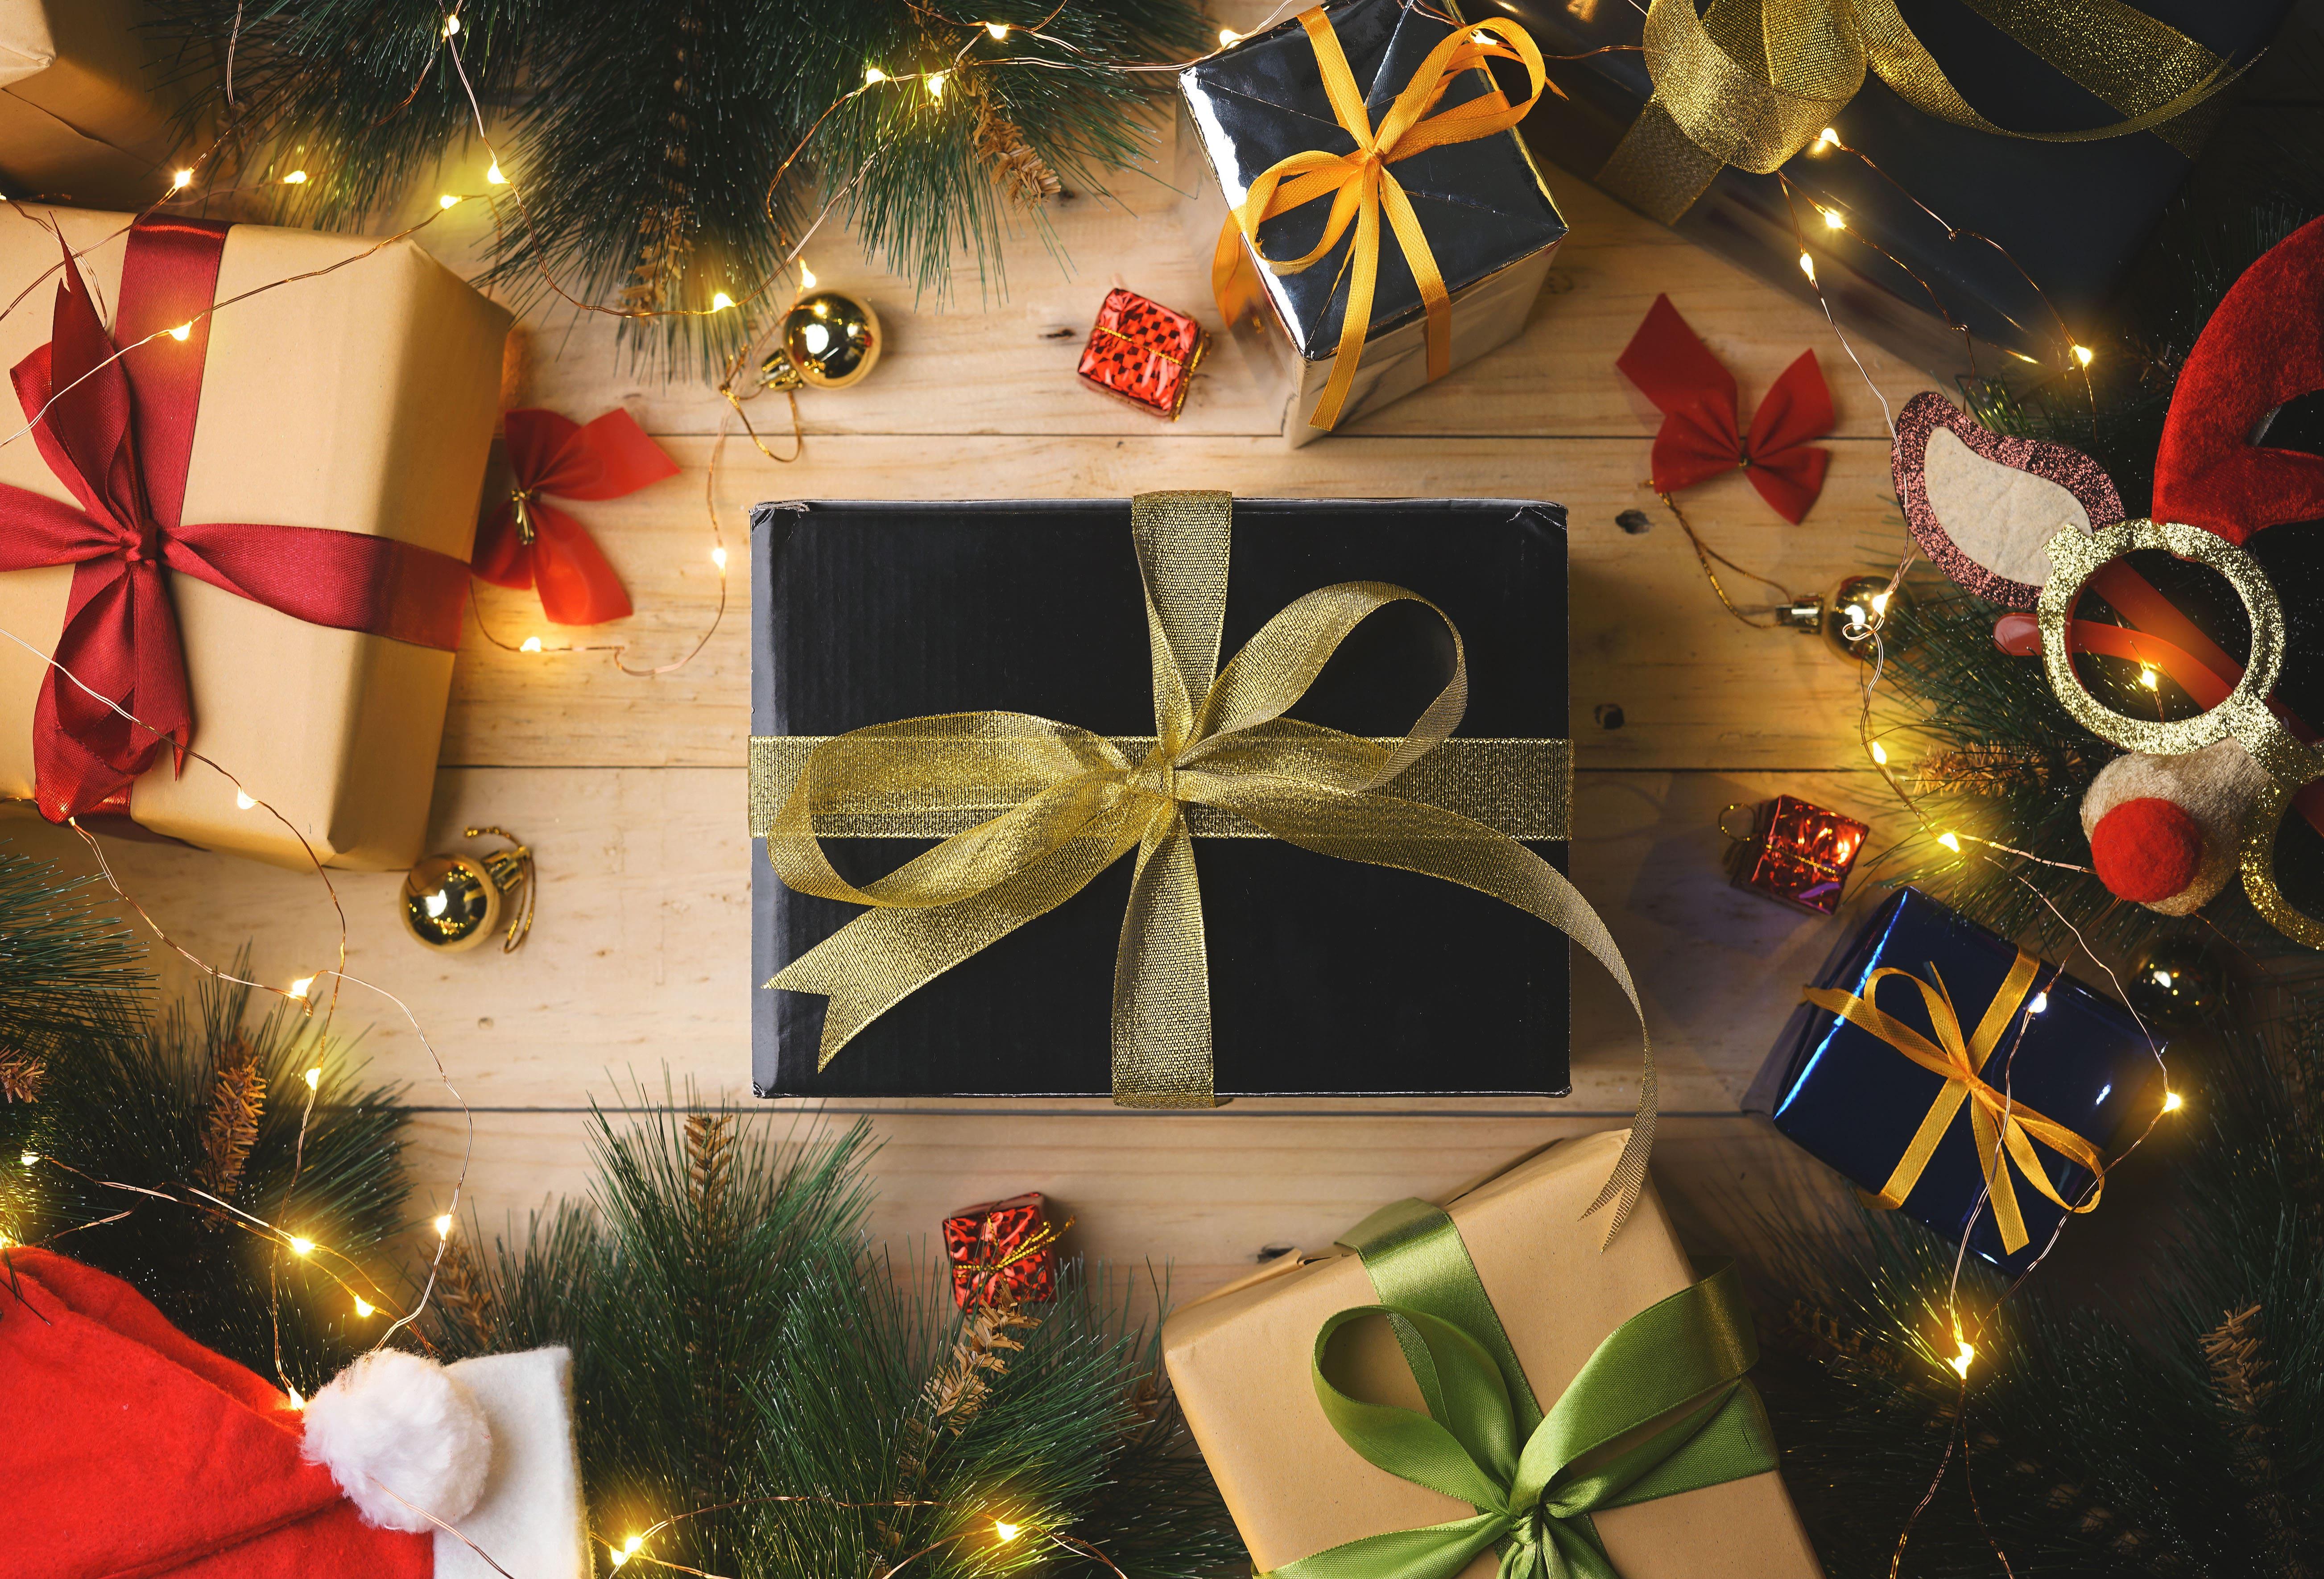 HDoboi.Kiev.ua - Новогодние подарки в красивых упаковках, обои экрана новый год